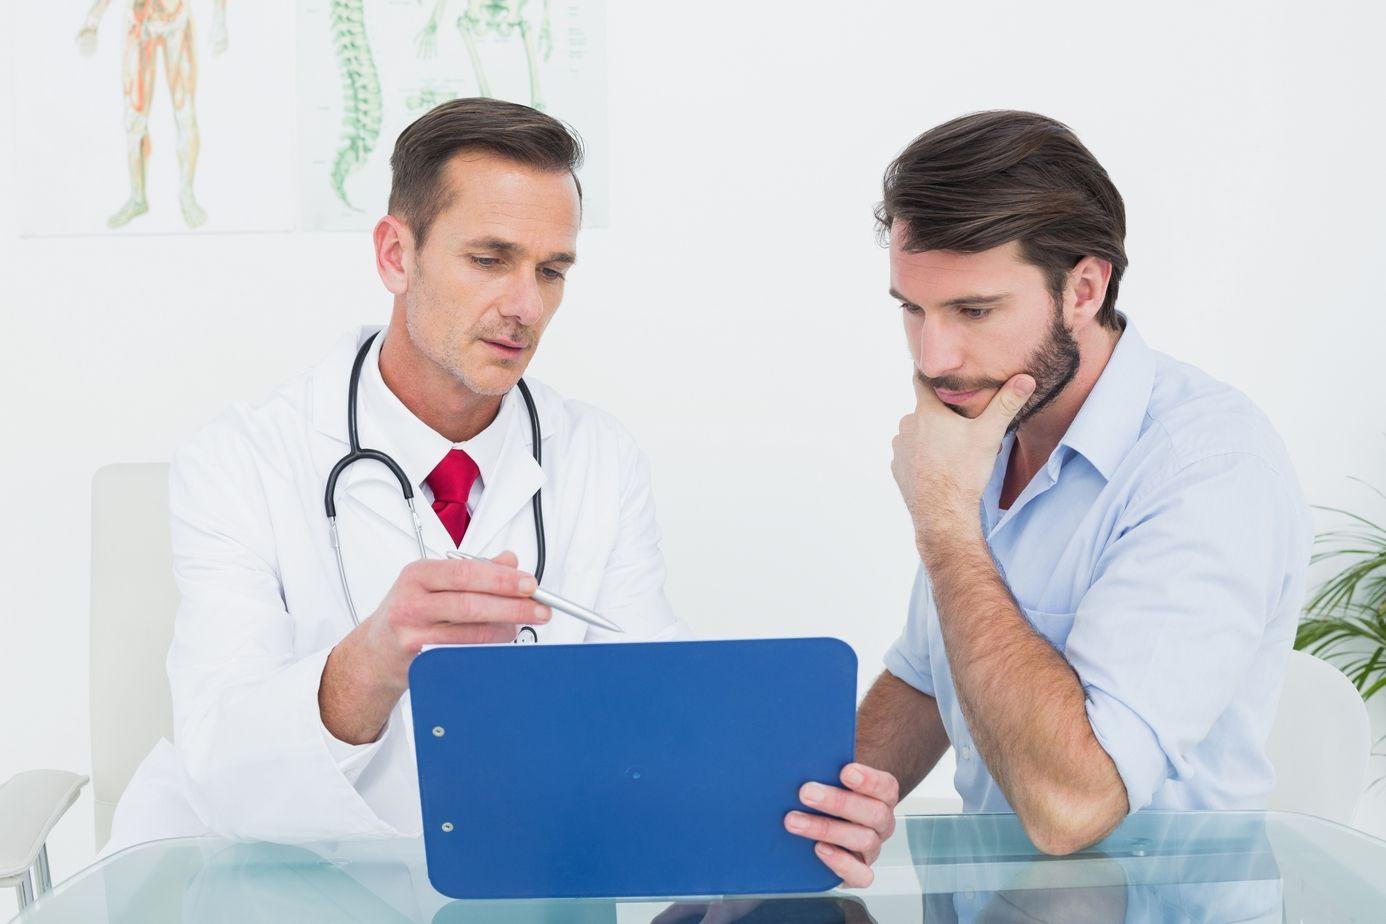 Ретроградная эякуляция в урологии